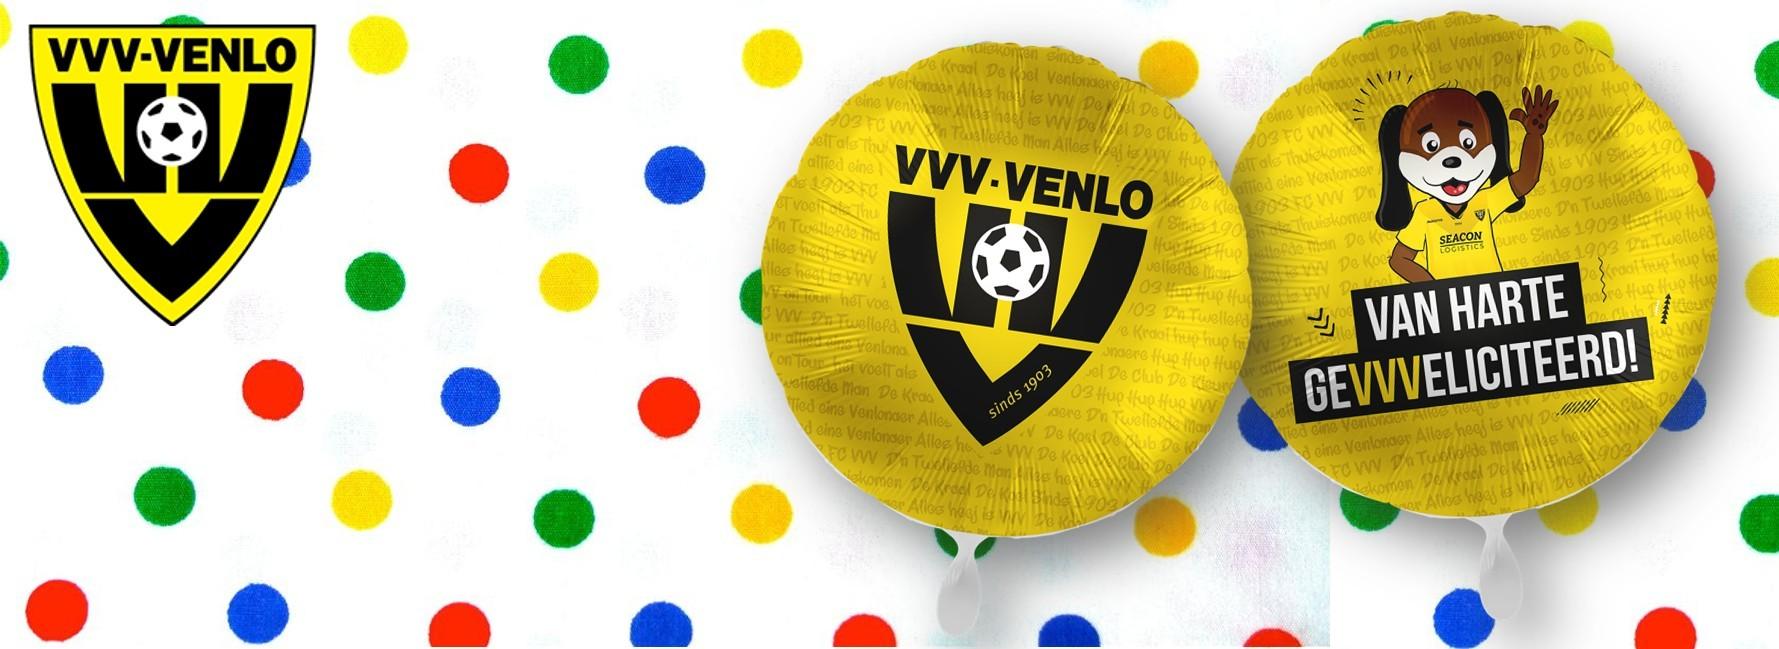 VVV Venlo versiering verjaardag